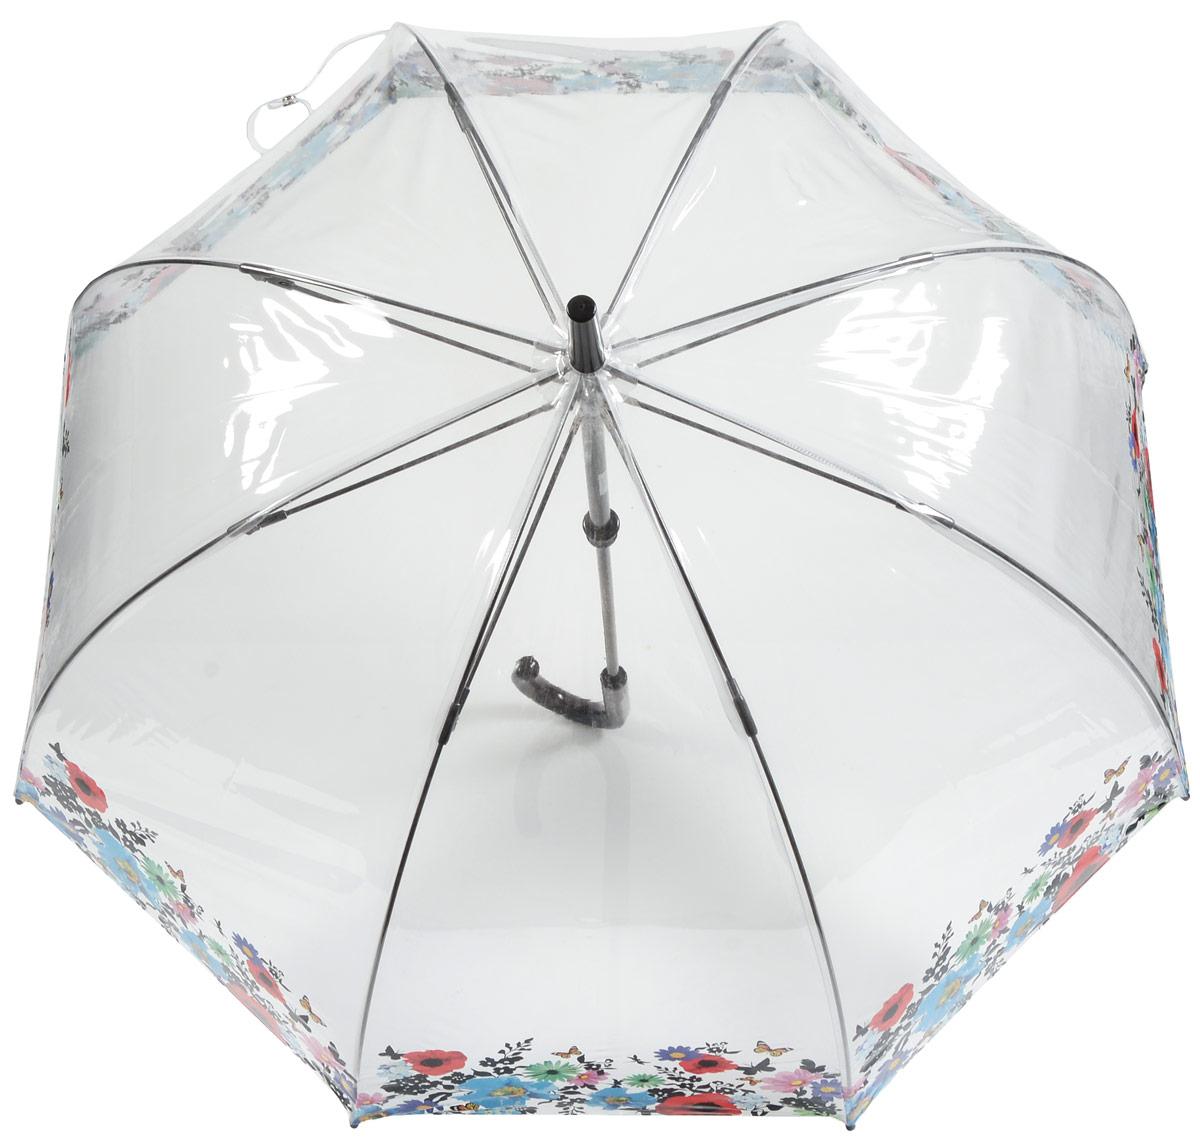 Зонт-трость женский Fulton, механический, цвет: прозрачный, мультиколор. L042-316545100636-1/18466/4900NСтильный зонт-трость Fulton даже в ненастную погоду позволит вам оставаться стильной и элегантной. Каркас зонта включает 8 спиц из фибергласса и состоит из стержня, изготовленного из прочной и ветроустойчивой стали. Купол зонта выполнен из качественного ПВХ.Рукоятка закругленной формы, разработанная с учетом требований эргономики, изготовлена из пластика.Зонт механического сложения: купол открывается и закрывается вручную до характерного щелчка. Такой зонт не только надежно защитит вас от дождя, но и станет стильным аксессуаром, который идеально подчеркнет ваш неповторимый образ.